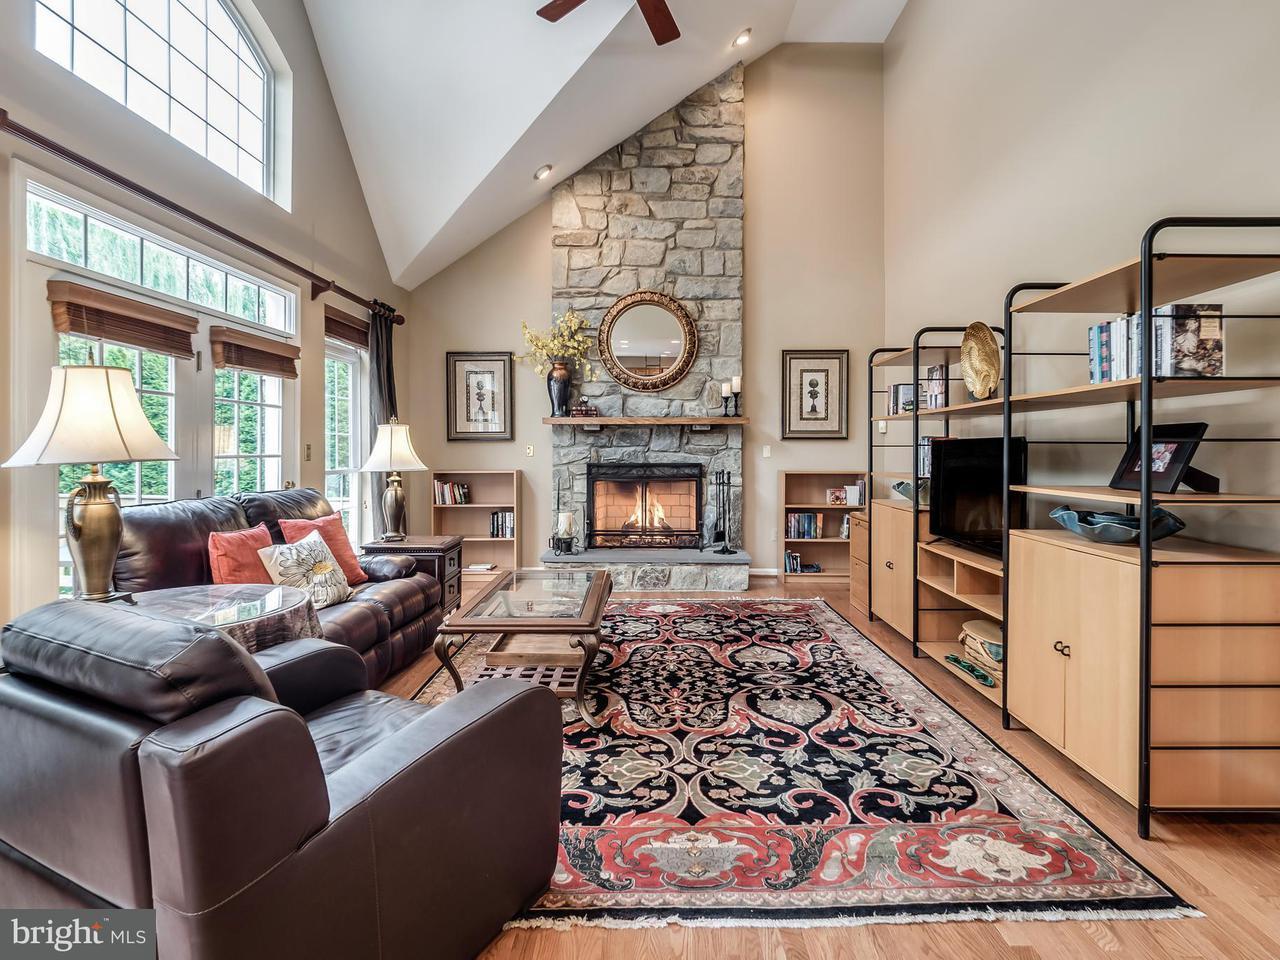 Частный односемейный дом для того Продажа на 11519 SENECA FOREST Circle 11519 SENECA FOREST Circle Germantown, Мэриленд 20876 Соединенные Штаты